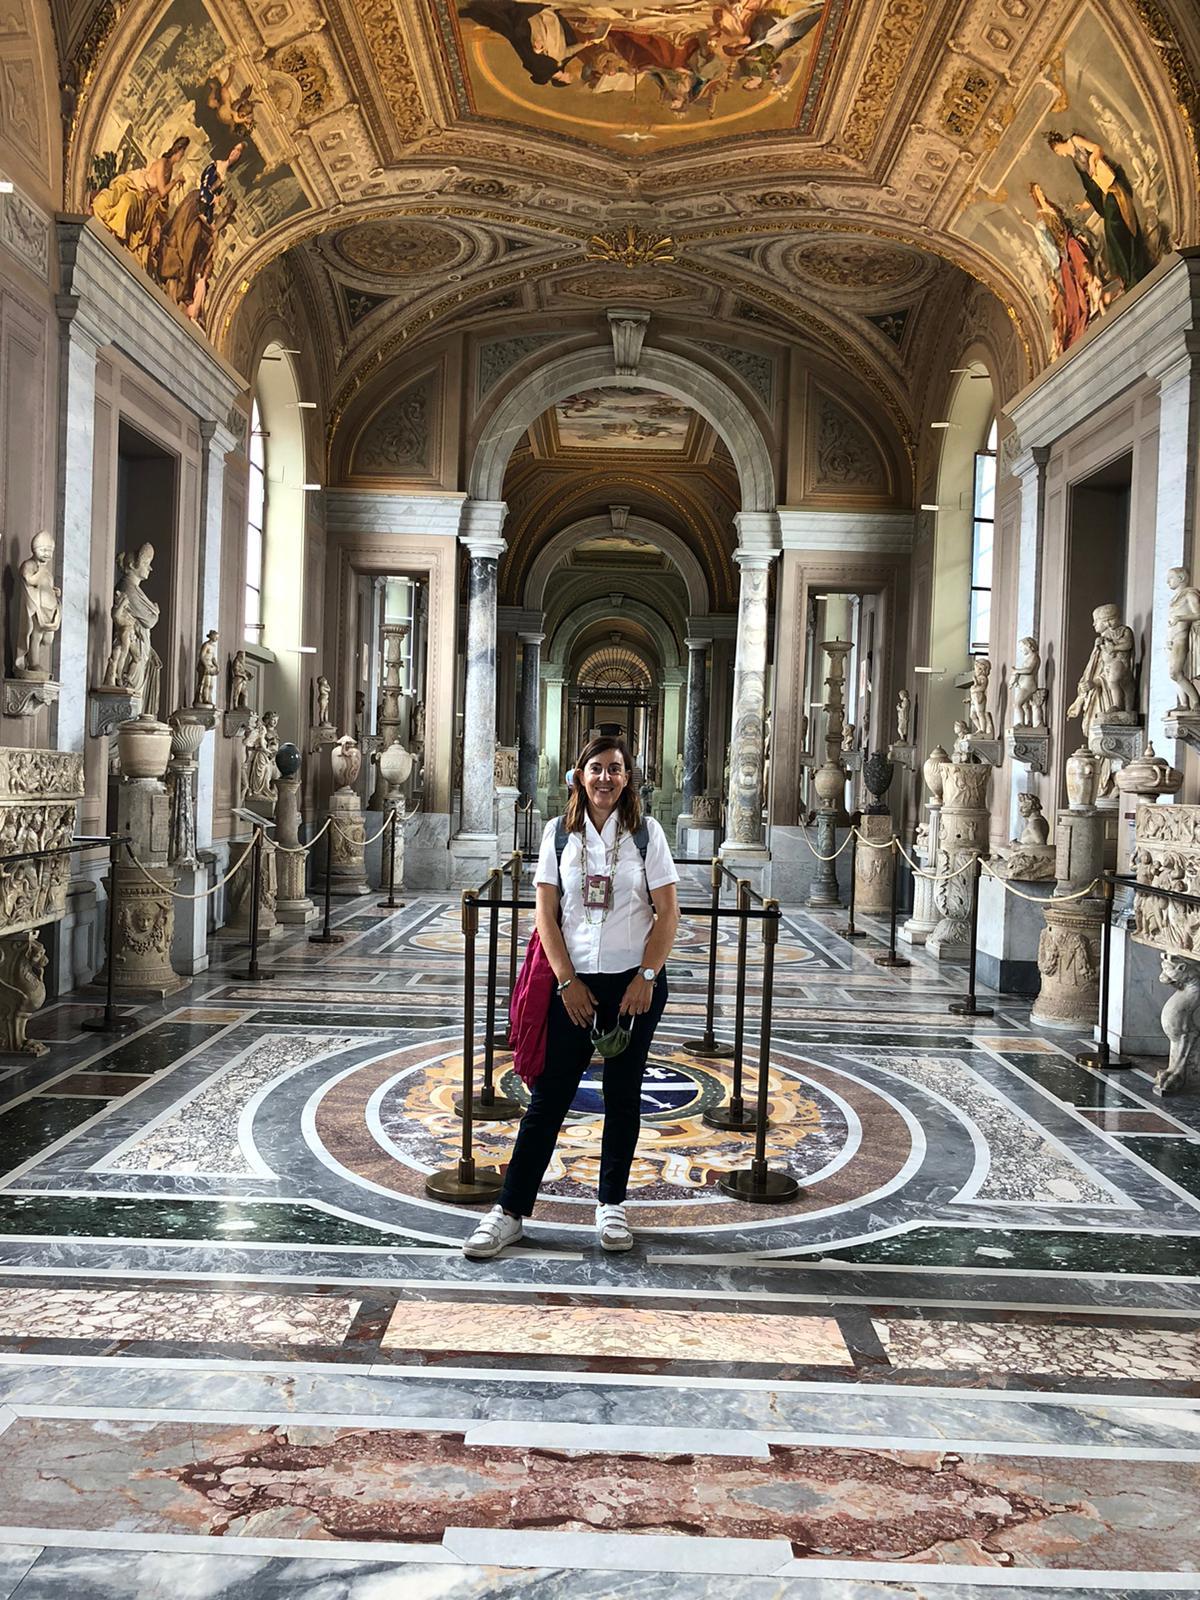 Laura, Vatican Museums